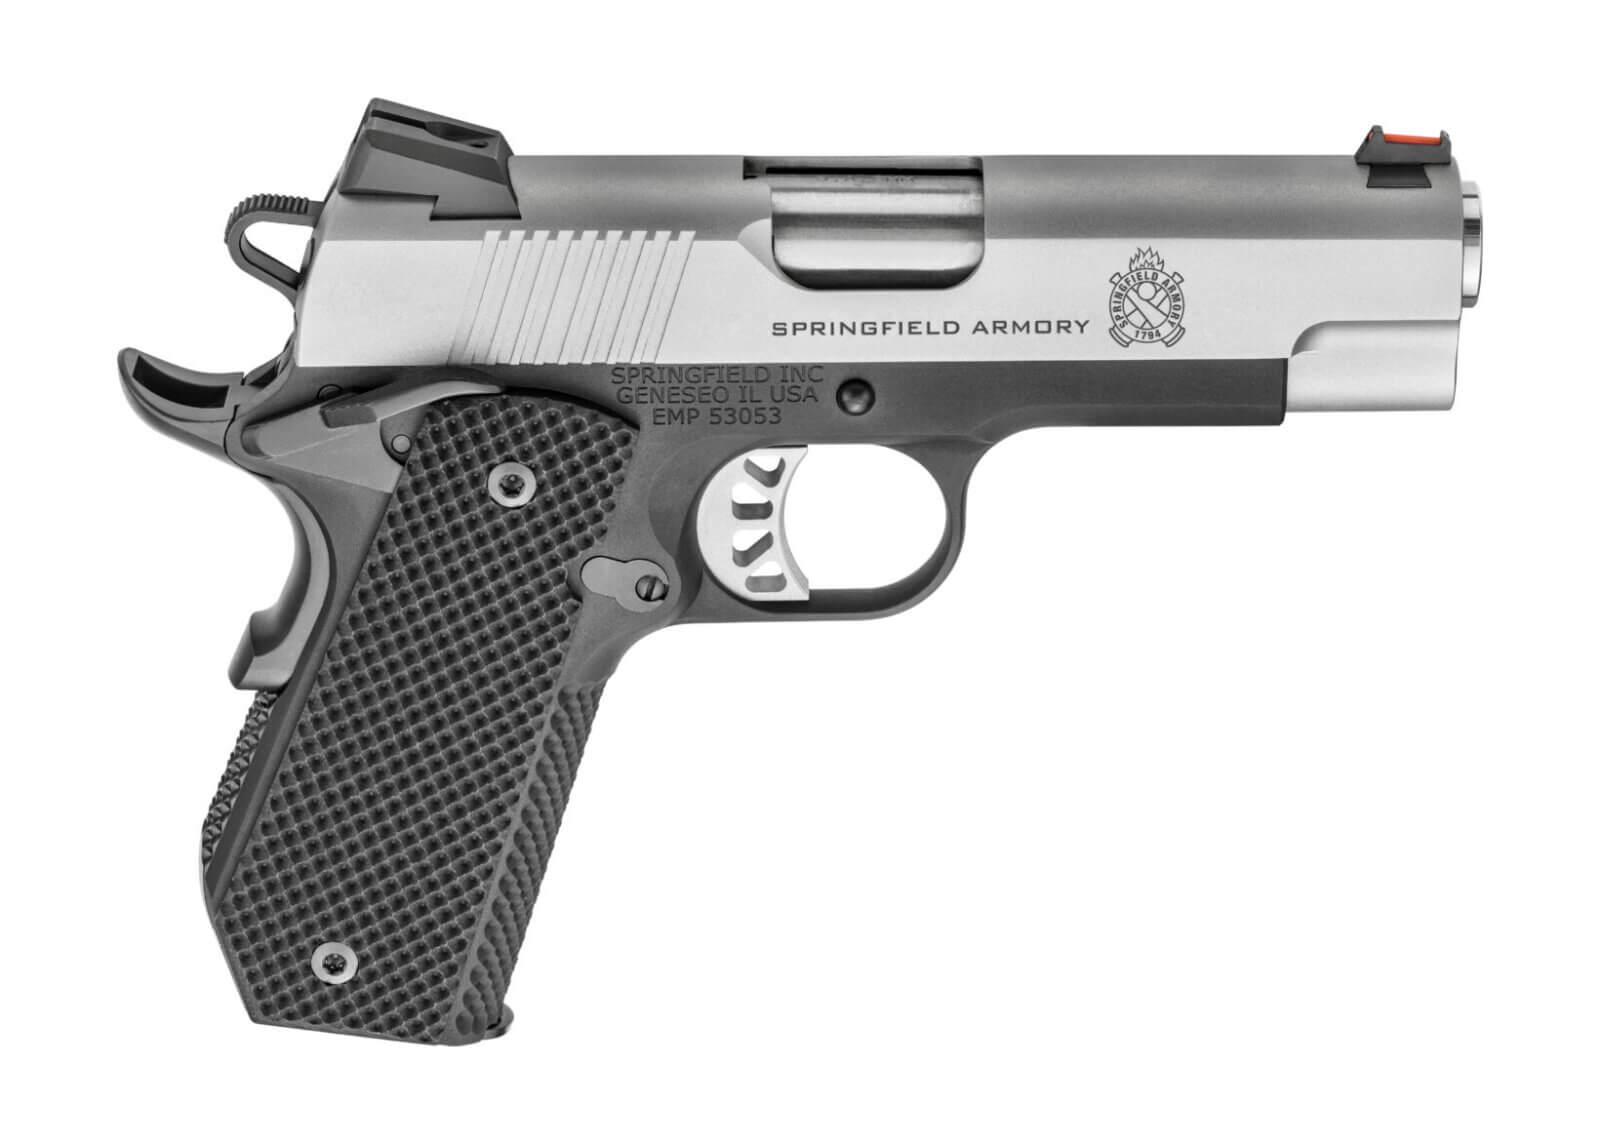 EMP Champion Concealed Carry Contour pistol